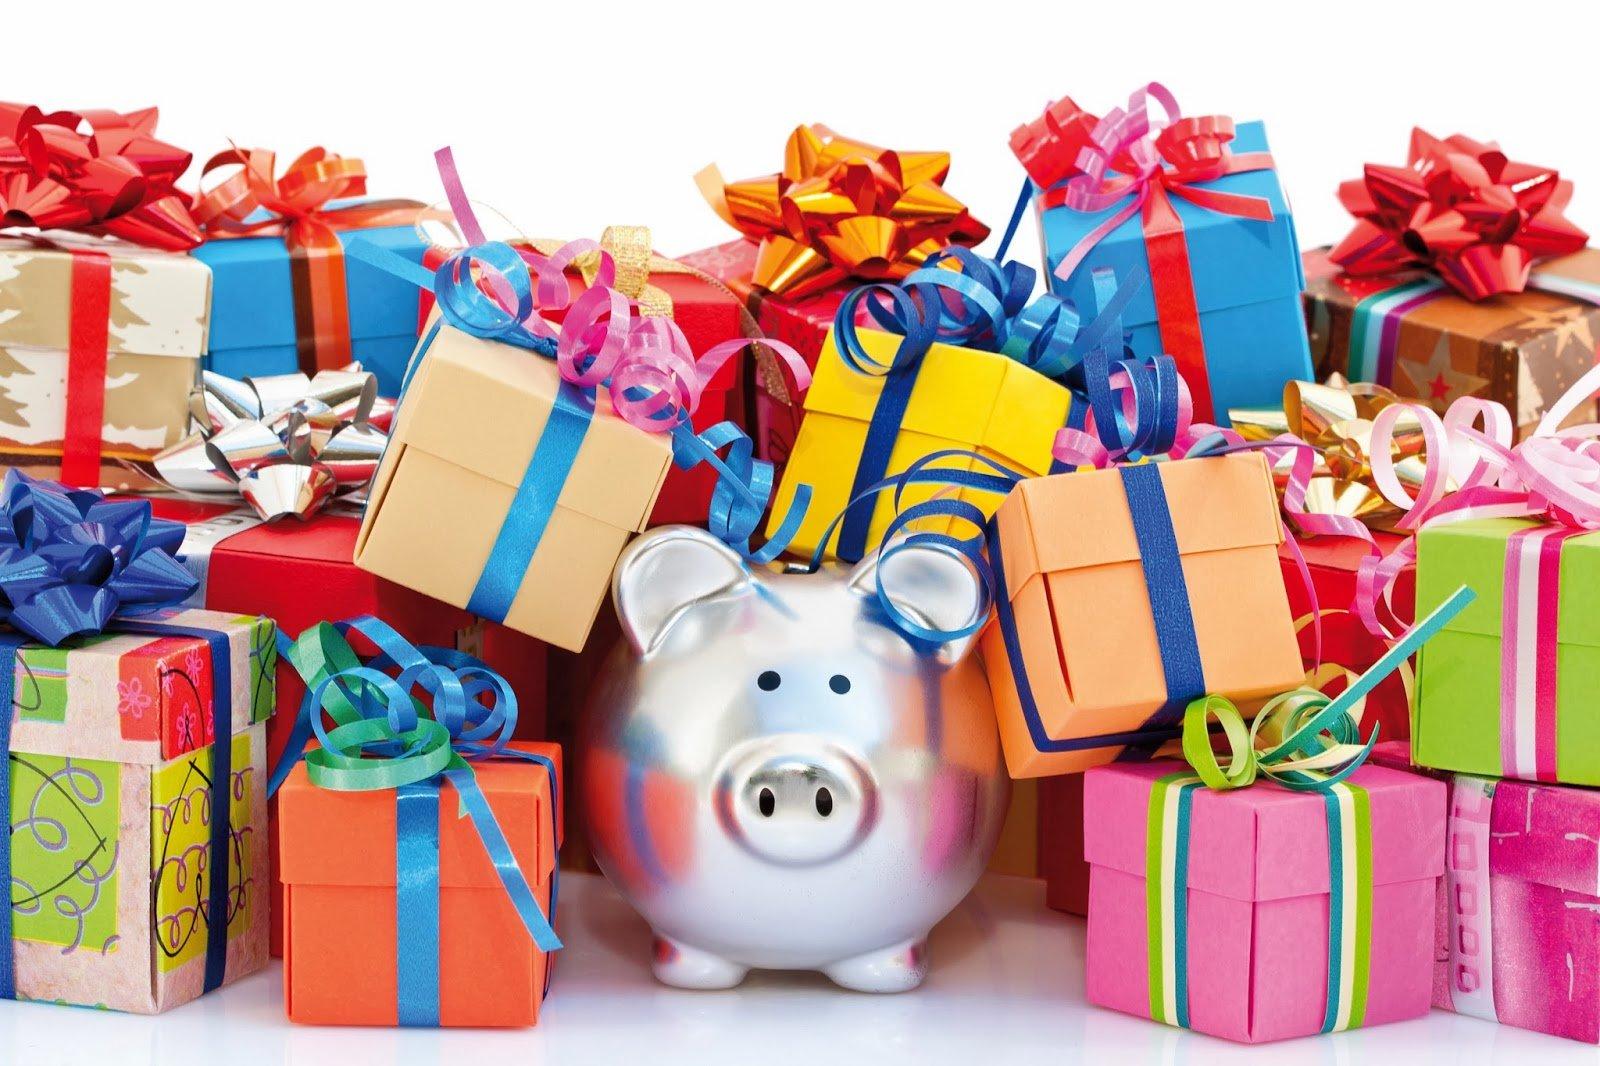 claves para ahorrar dinero en los regalos de navidad